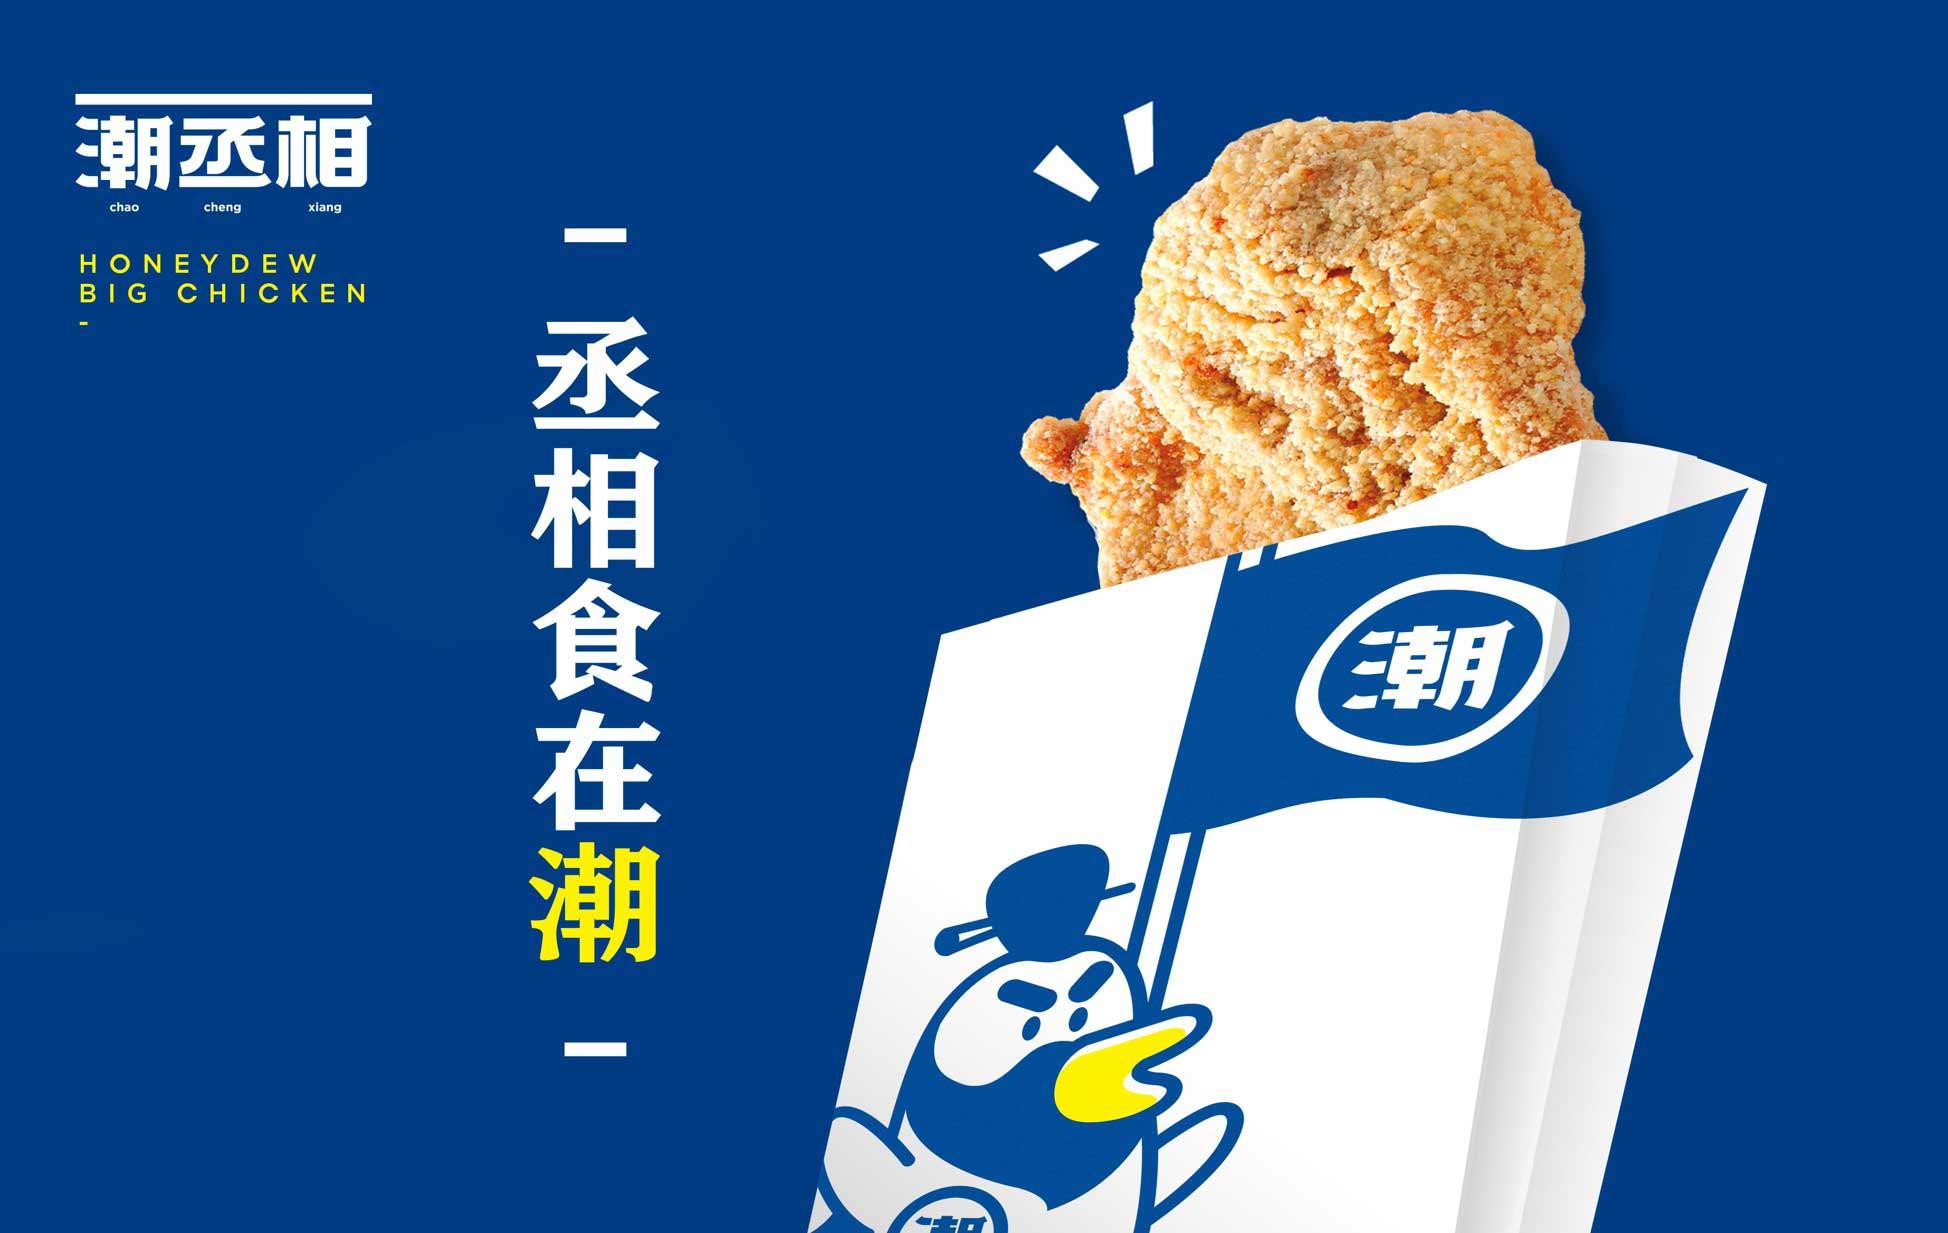 深圳品牌策划「美御营销策划」